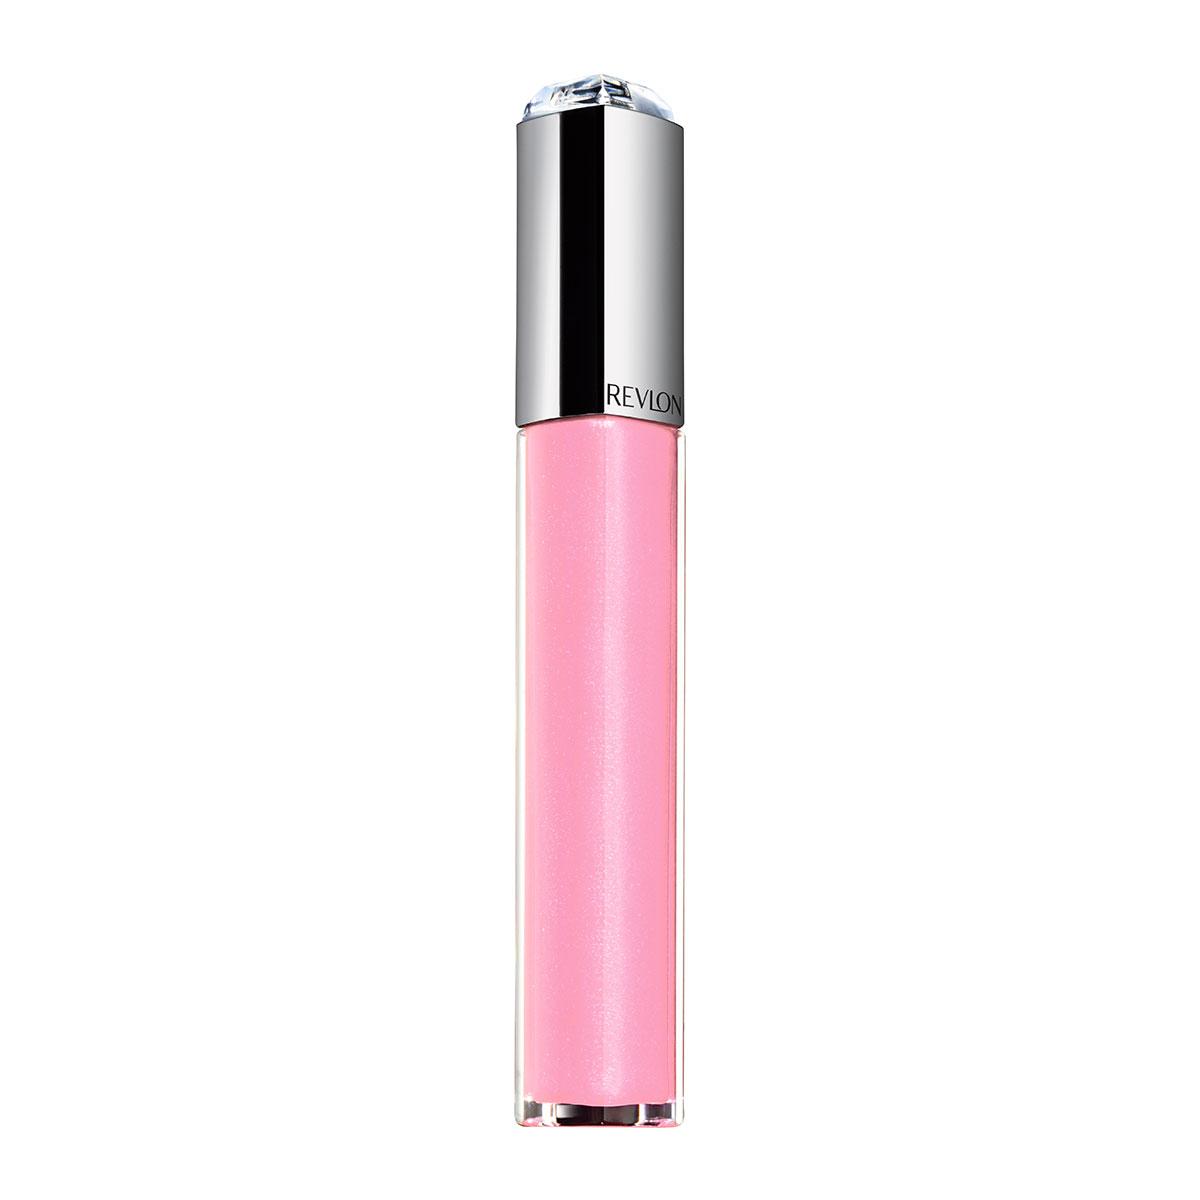 Revlon Помада-блеск для Губ Ultra Hd Lip Lacquer Pink diamond 525 5,9 мл7210464015Придайте своим губам сияние с Revlon Ultra HD Lip Lacquer. Инновационная лаковая формула дарит вашим губам глубокий, насыщенный цвет без утяжеления. Блеск-лак для губ с тонкой текстурой, не насыщенной восками. Легкая формула обогощена маслами кокоса и манго. Супер-пигментирован! Плотность покрытия тонкое без ощущения липкости. Насыщенная яркая палитра для создания разных образов: от естественного дневного до вечернего макияжей. Устойчивый результат. Насыщенный, сияющий цвет визуально увеличивающий объем.